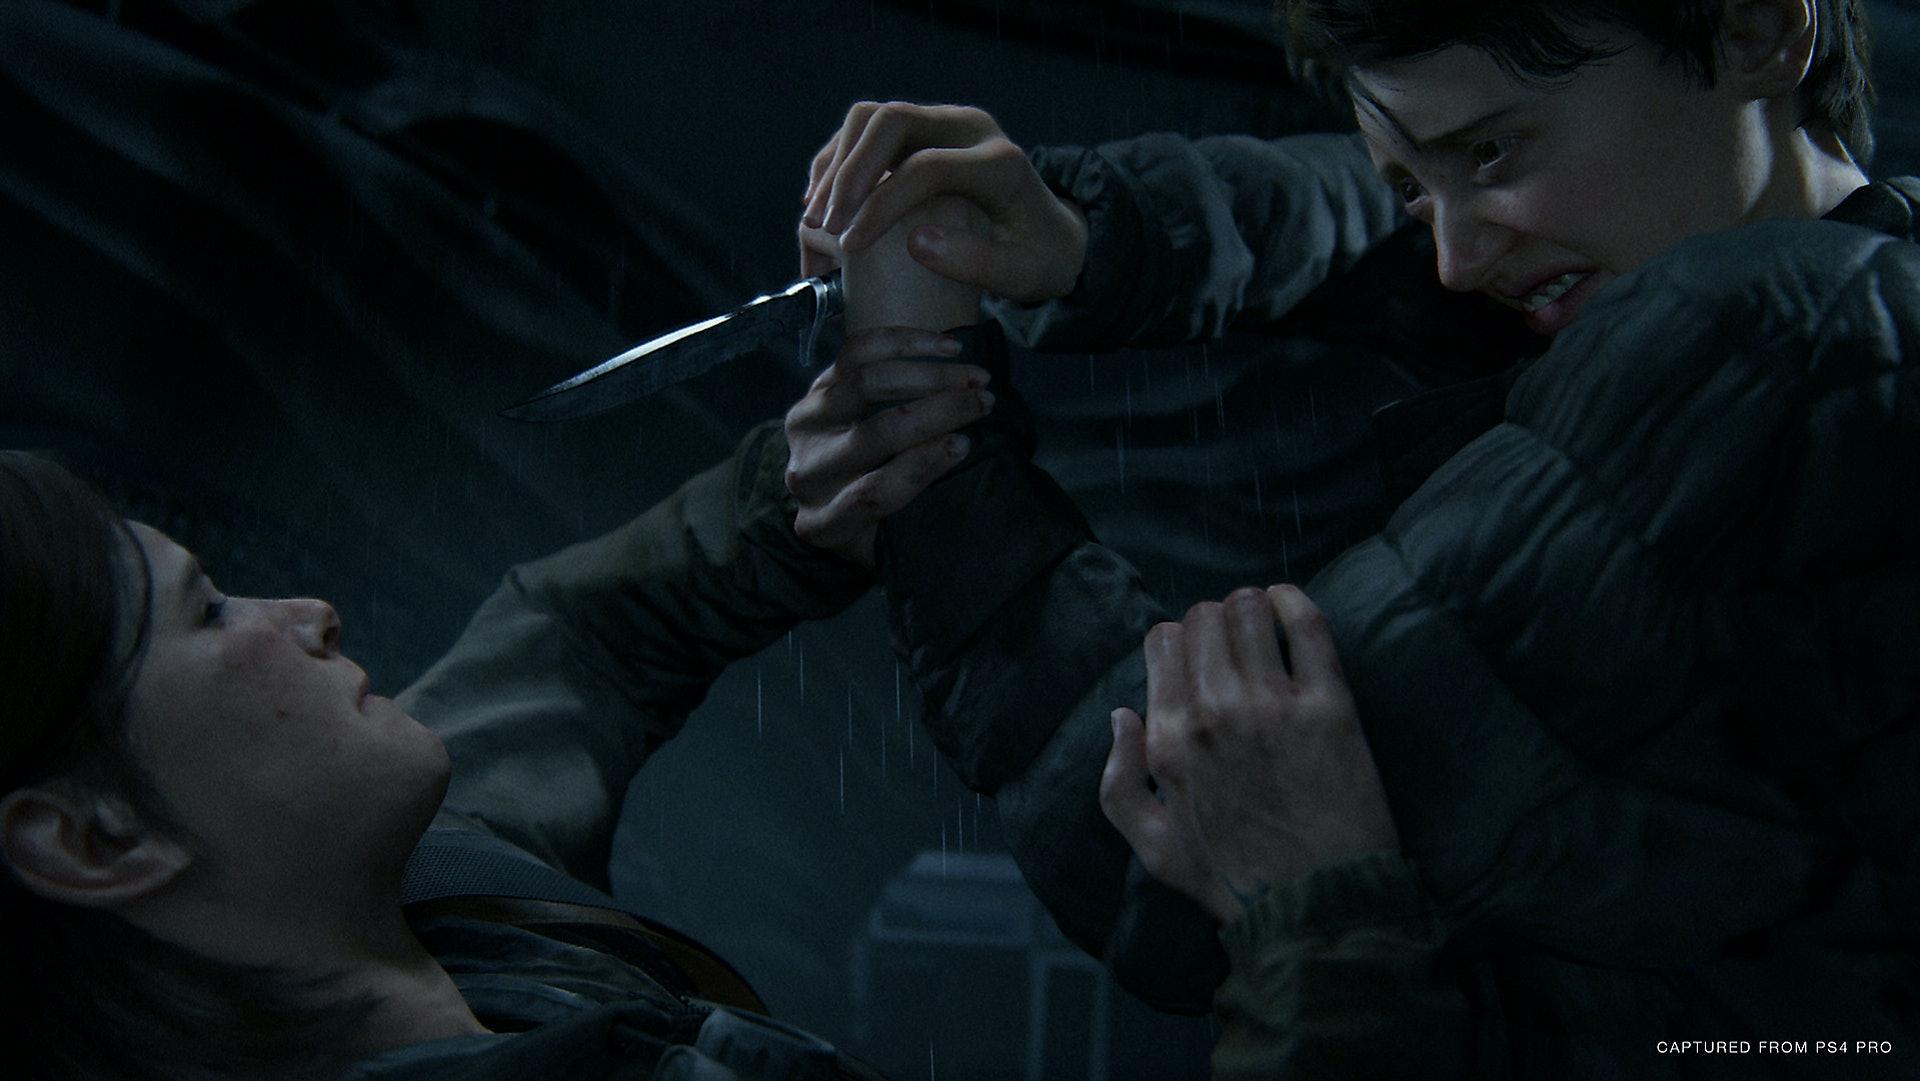 《最后的生还者2》最初有更黑暗的结局 艾莉会杀死艾比